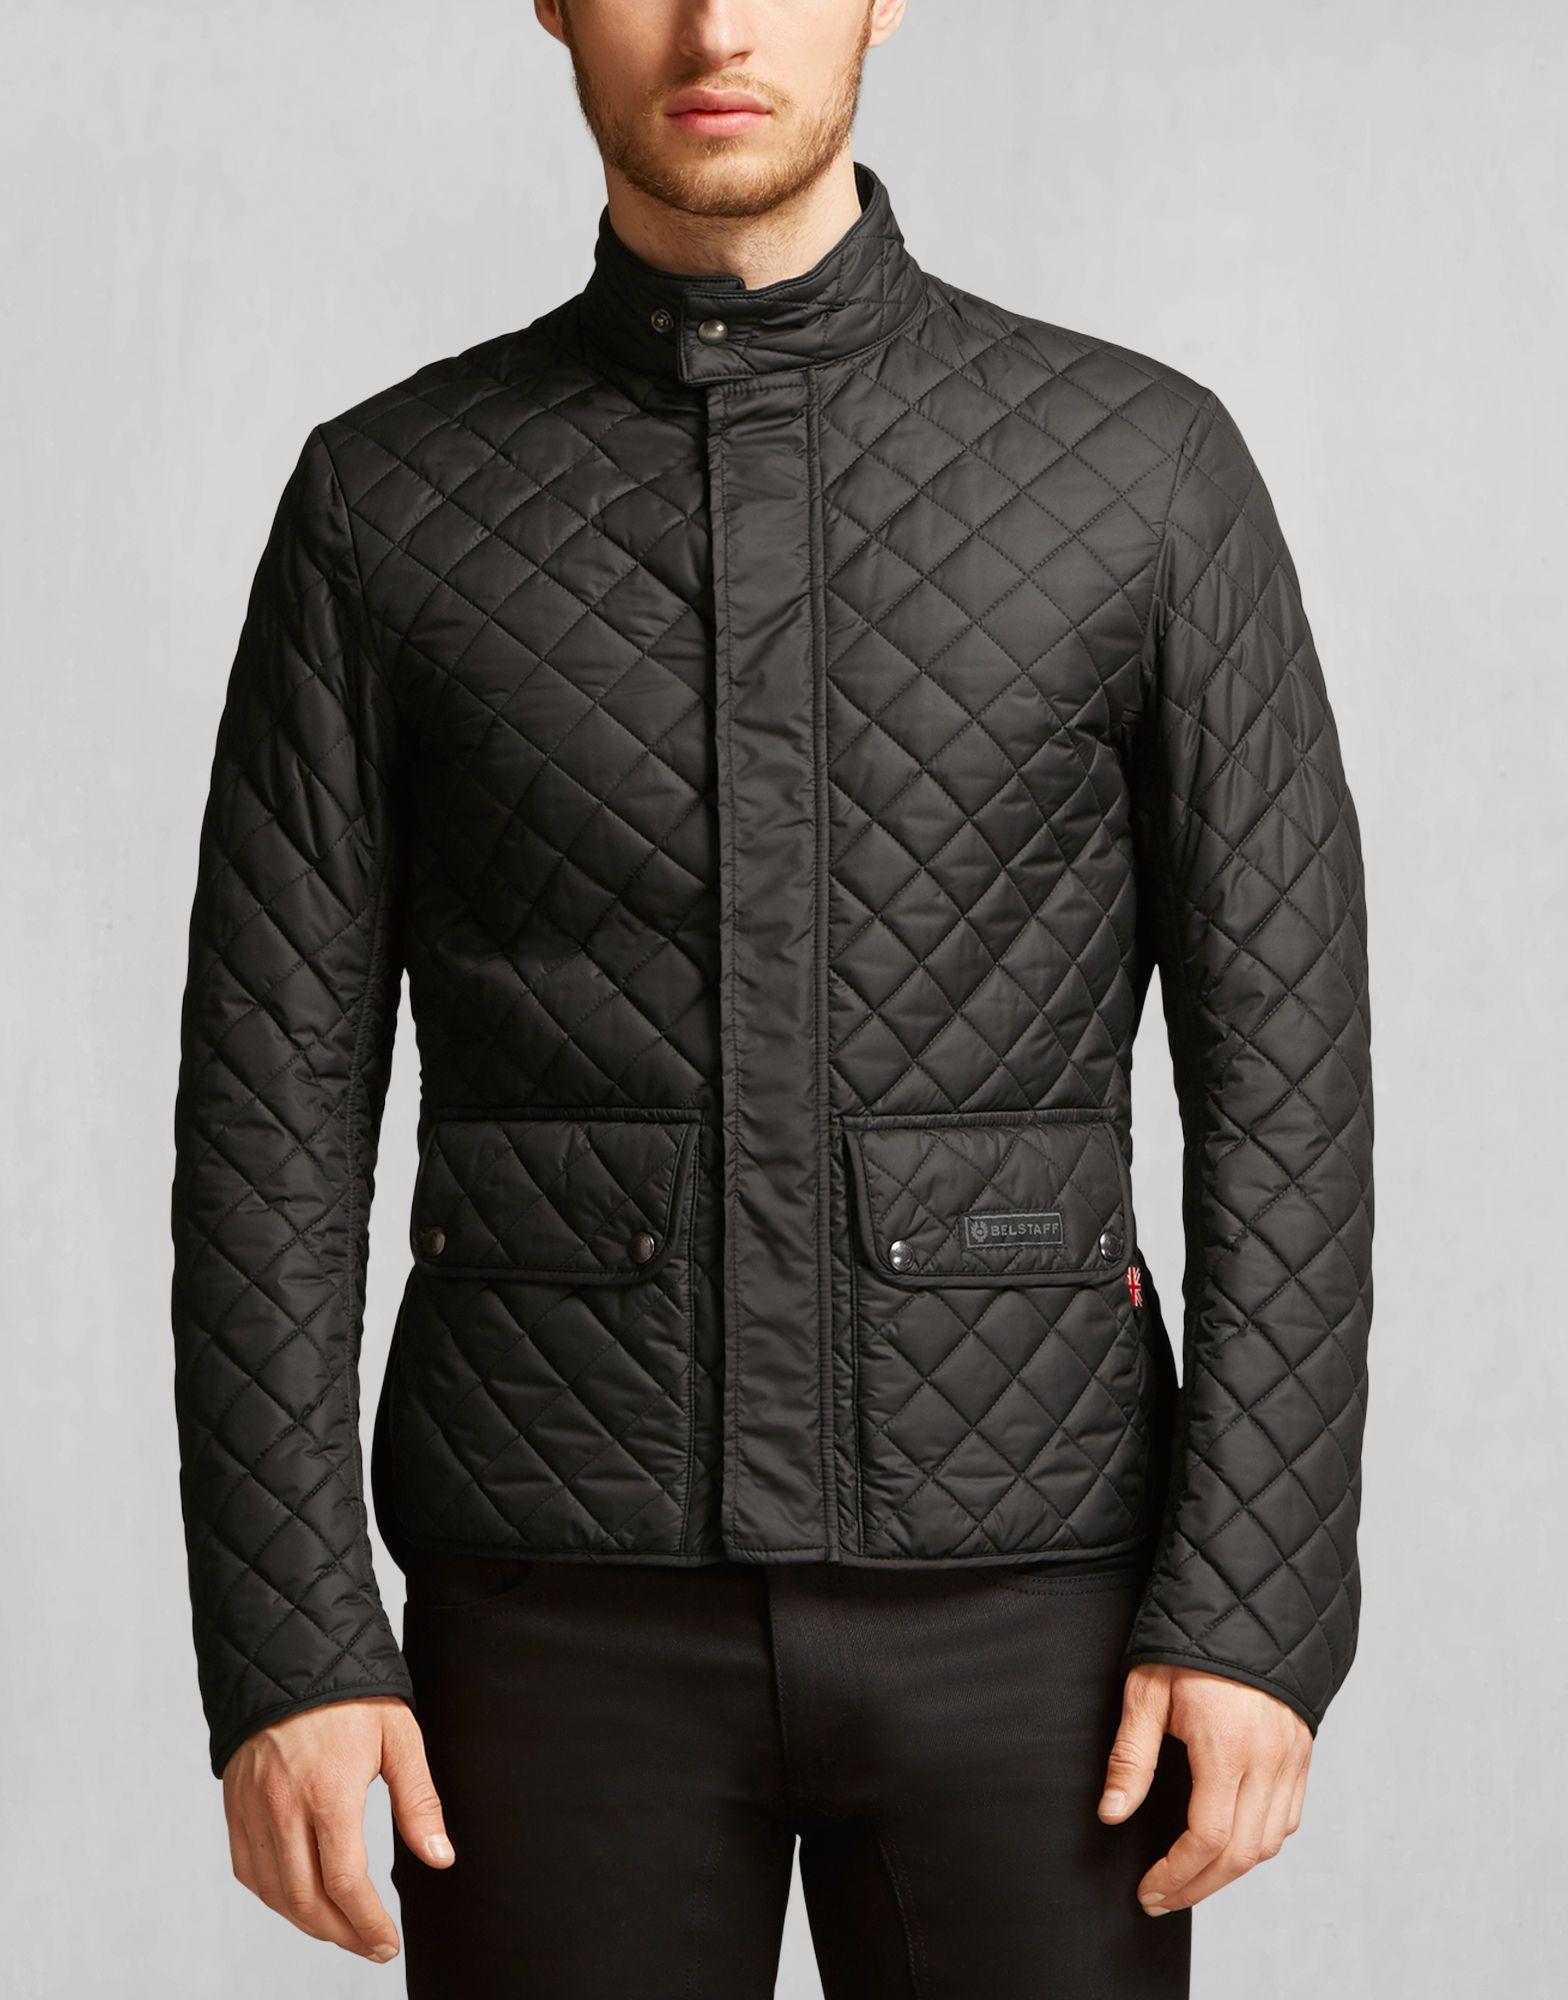 Wilson Quilted Jacket | Men's Designer Jackets & Coats | Belstaff